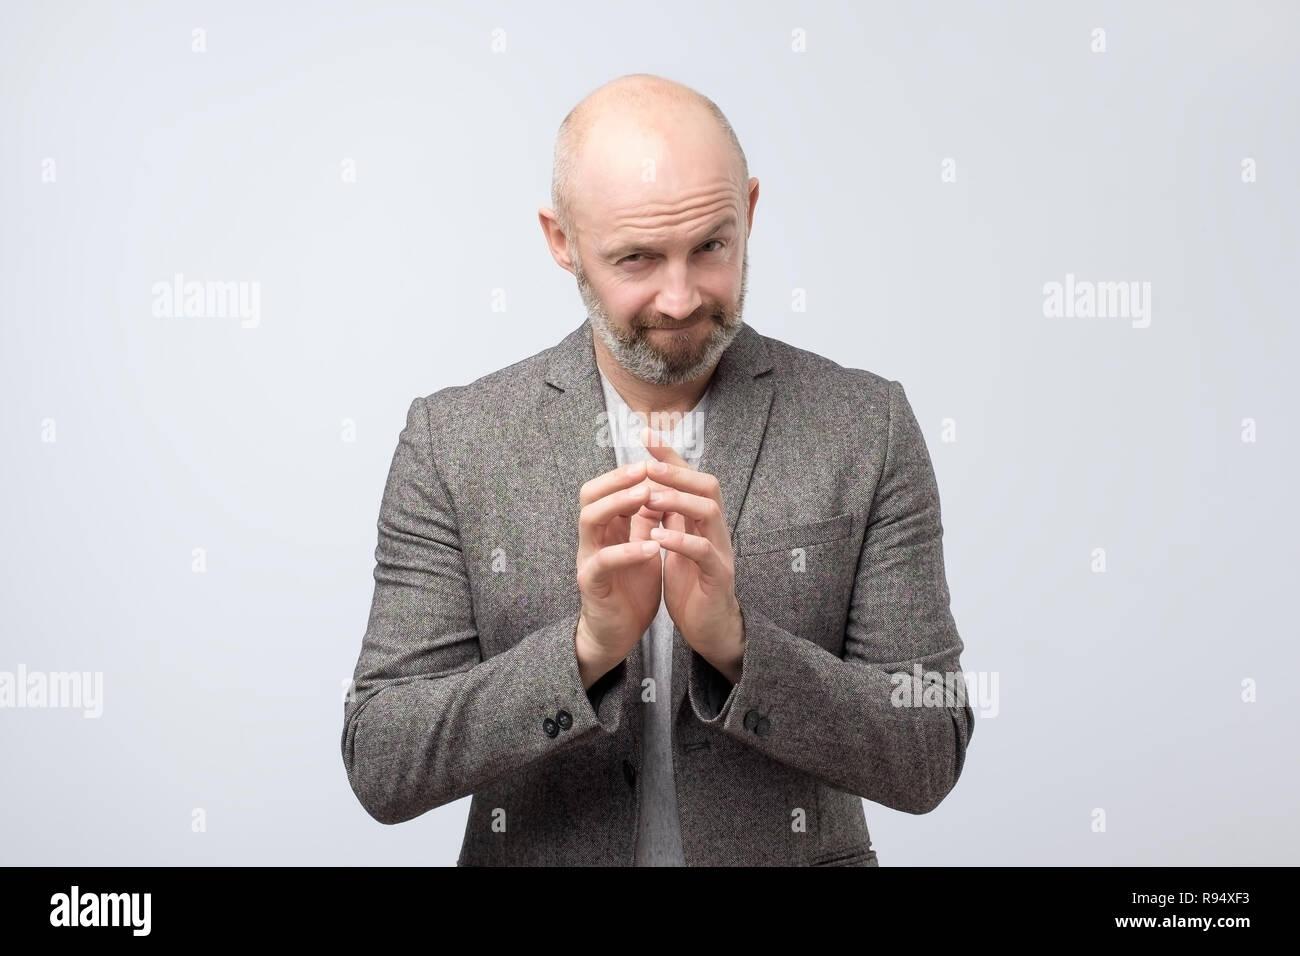 Astuto hombre maduro difícil pensar con la mano juntos sobre fondo blanco. Imagen De Stock